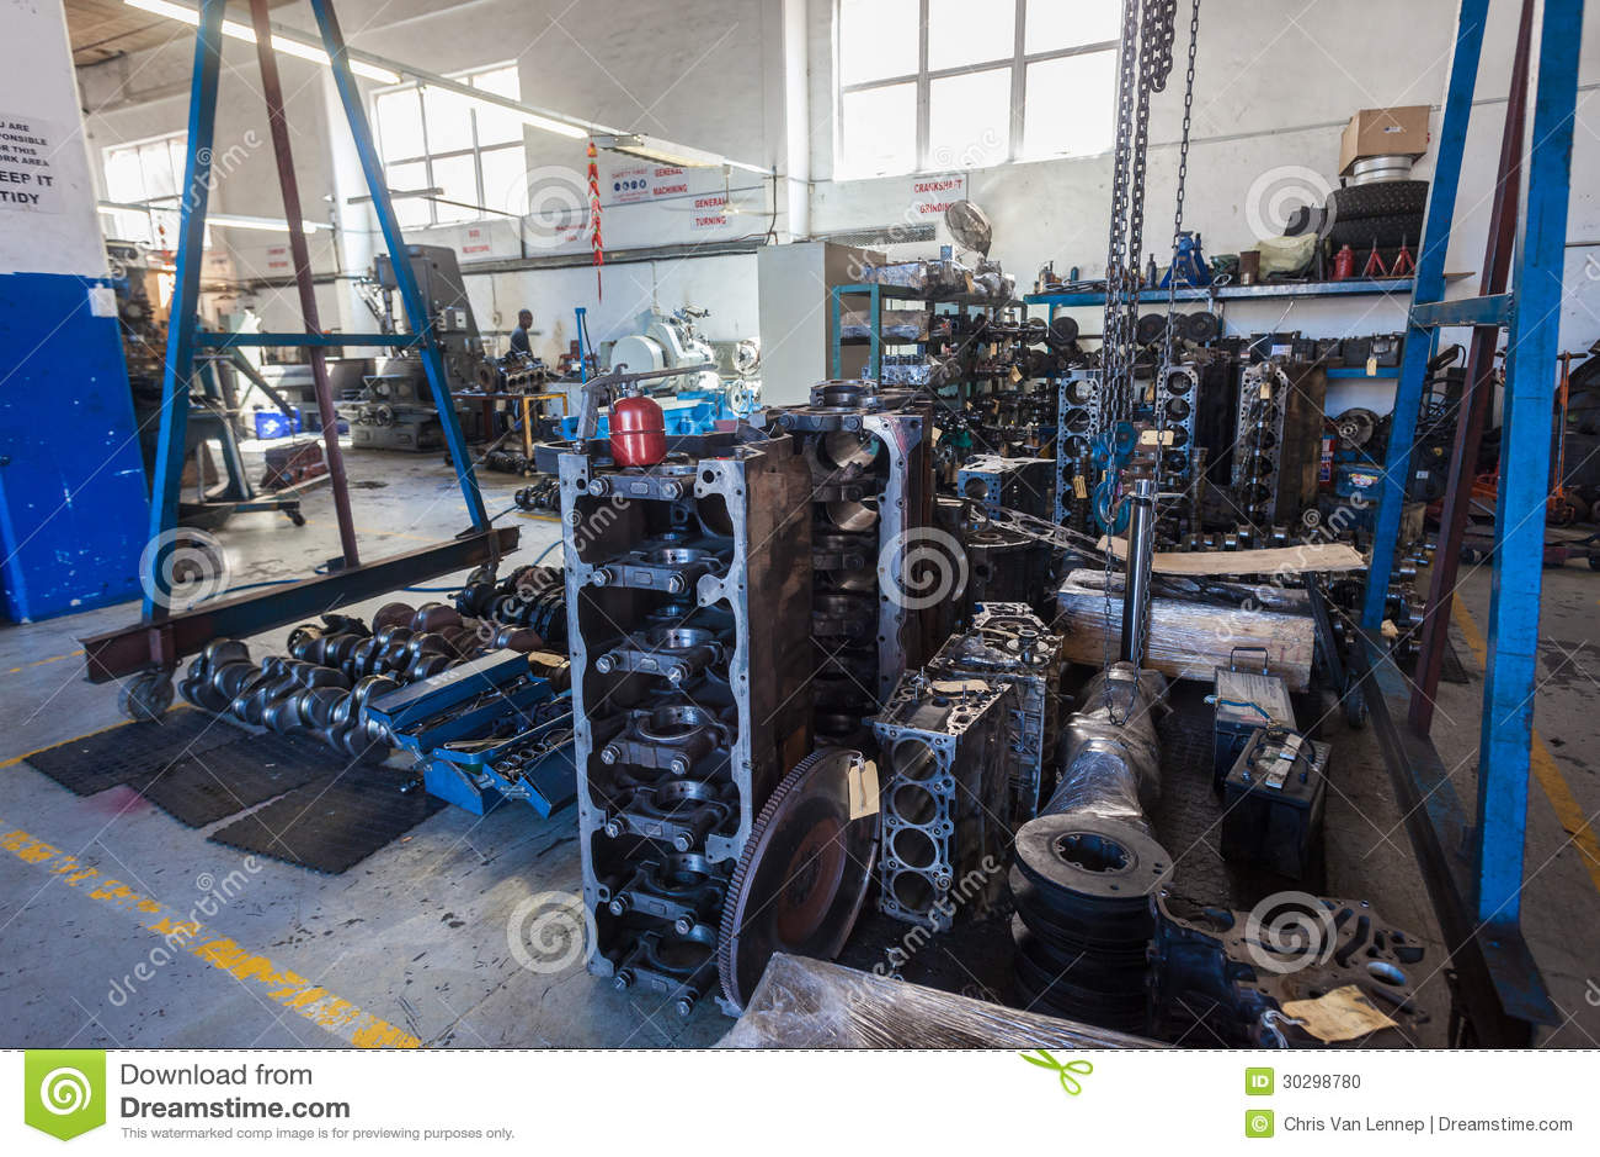 engine machine shop prices